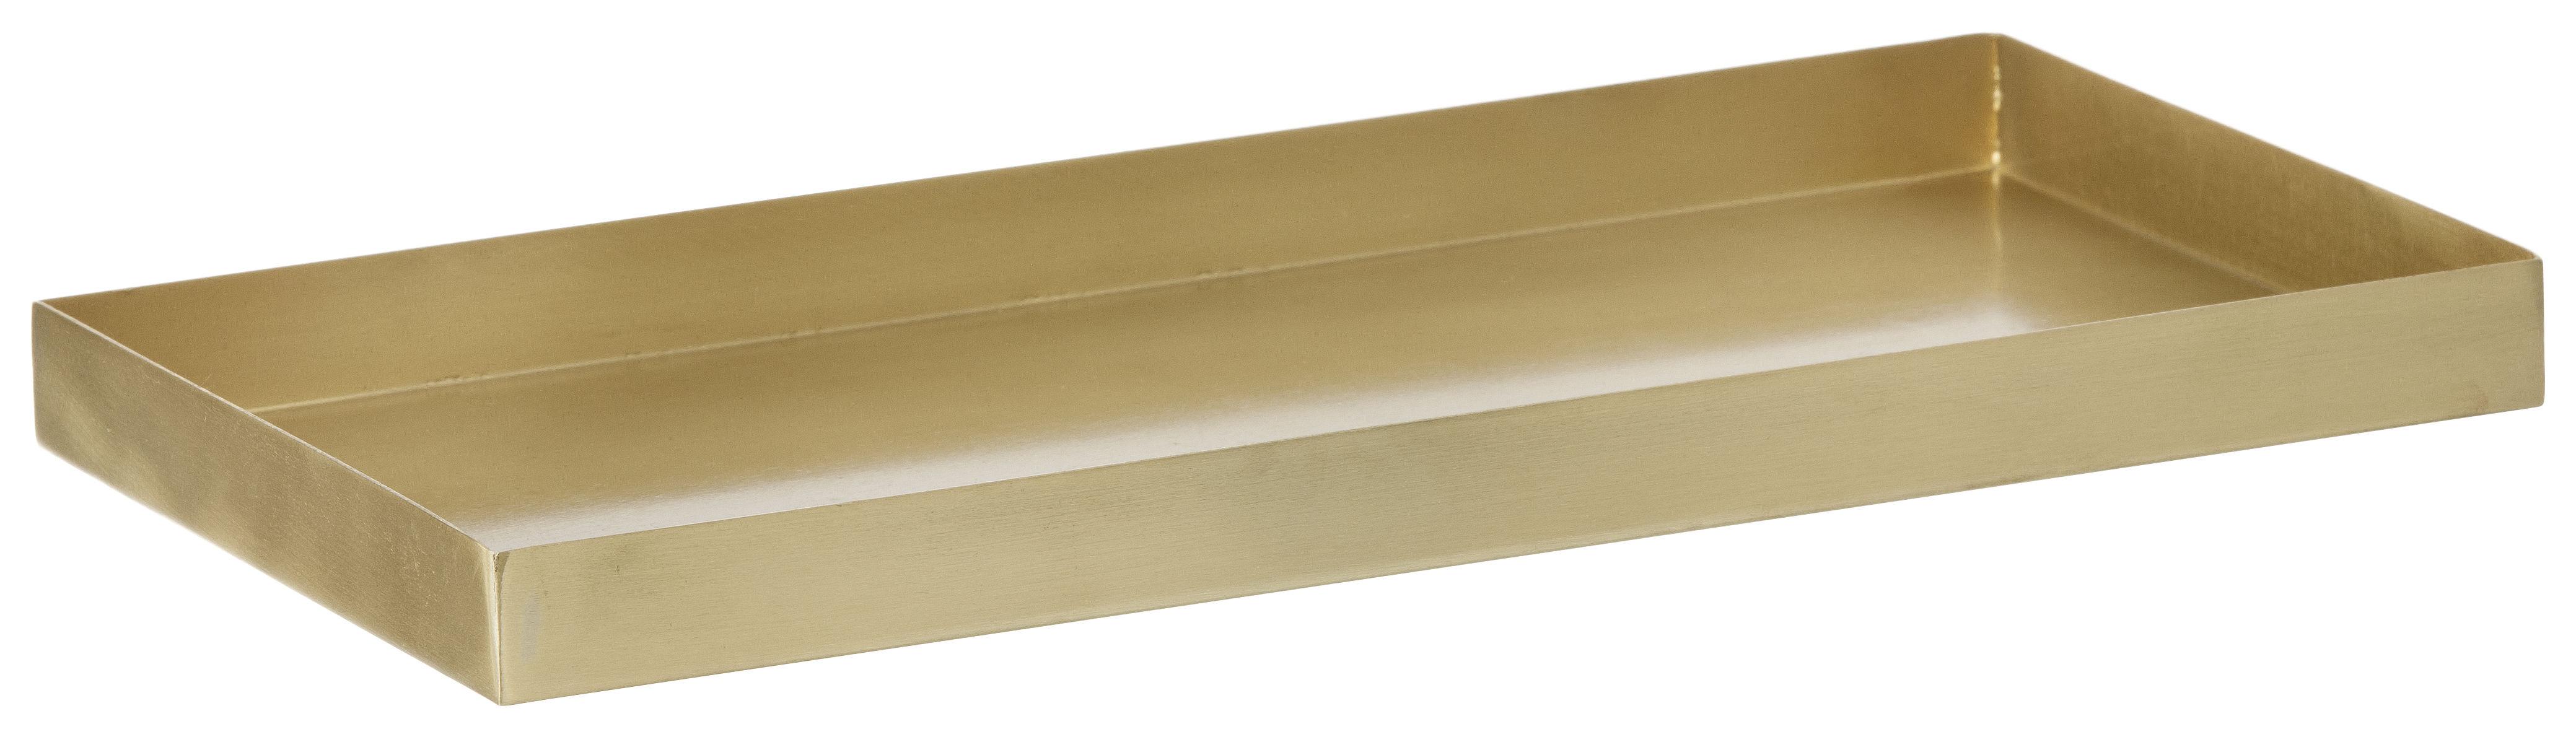 Accessori moda - Accessori ufficio - Piano/vassoio Brass - Svuotatasche - 15 x 30 cm di Ferm Living - Ottone - Ottone